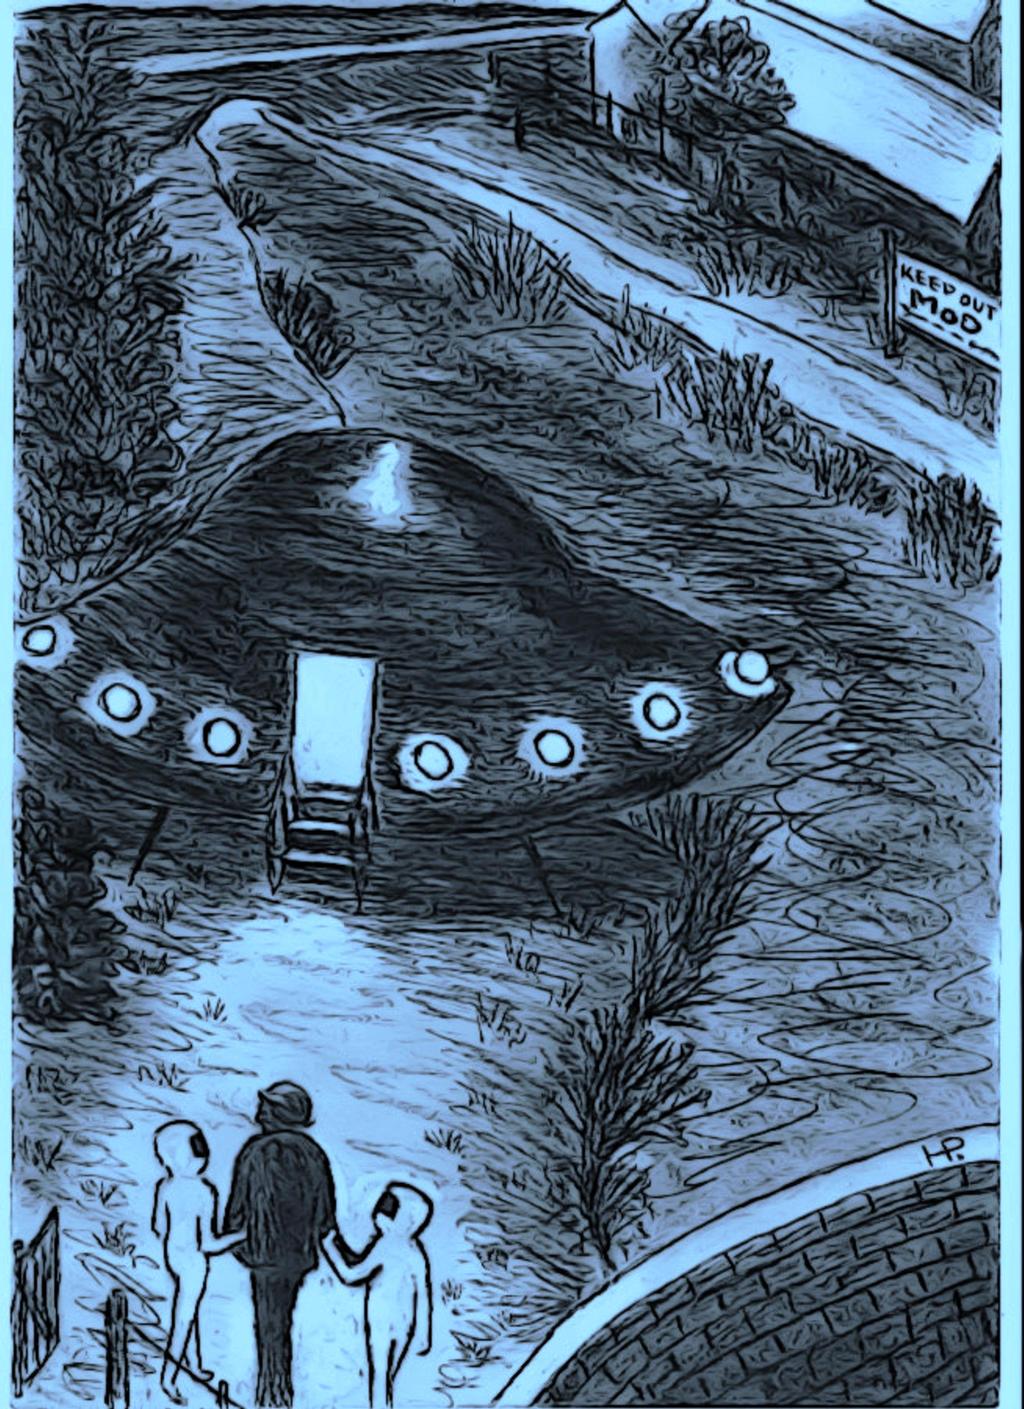 Alfred Burtoo's Encounter in Aldershot, Hants 1983 by MyAlienAbductionArt